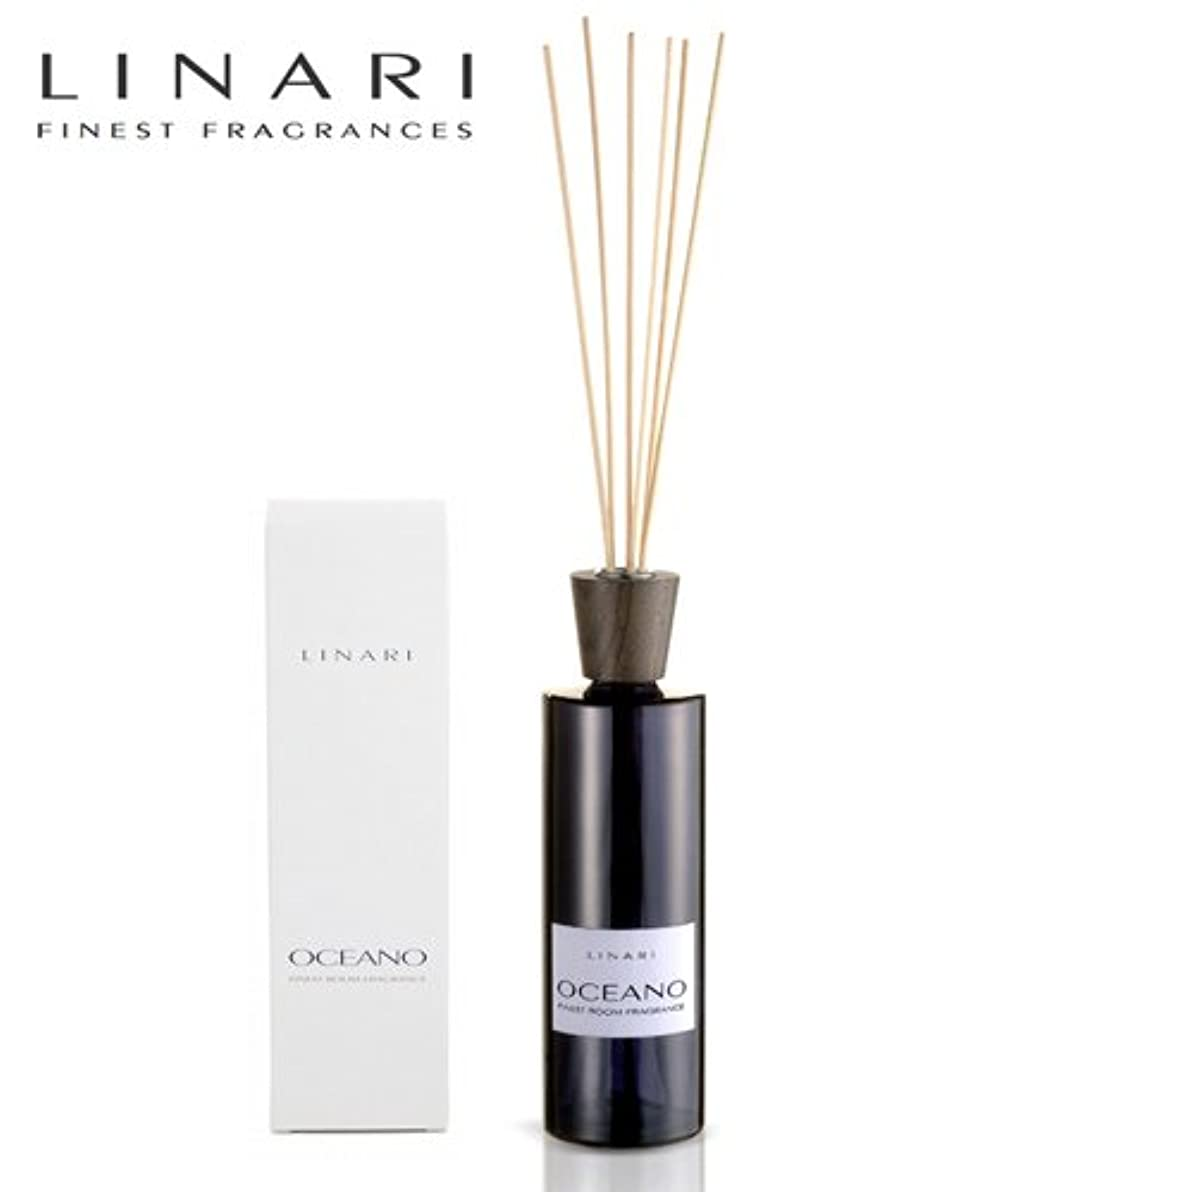 行商人何でも一時解雇するLINARI リナーリ ルームディフューザー 500ml OCEANO オセアノ ナチュラルスティック natural stick room diffuser